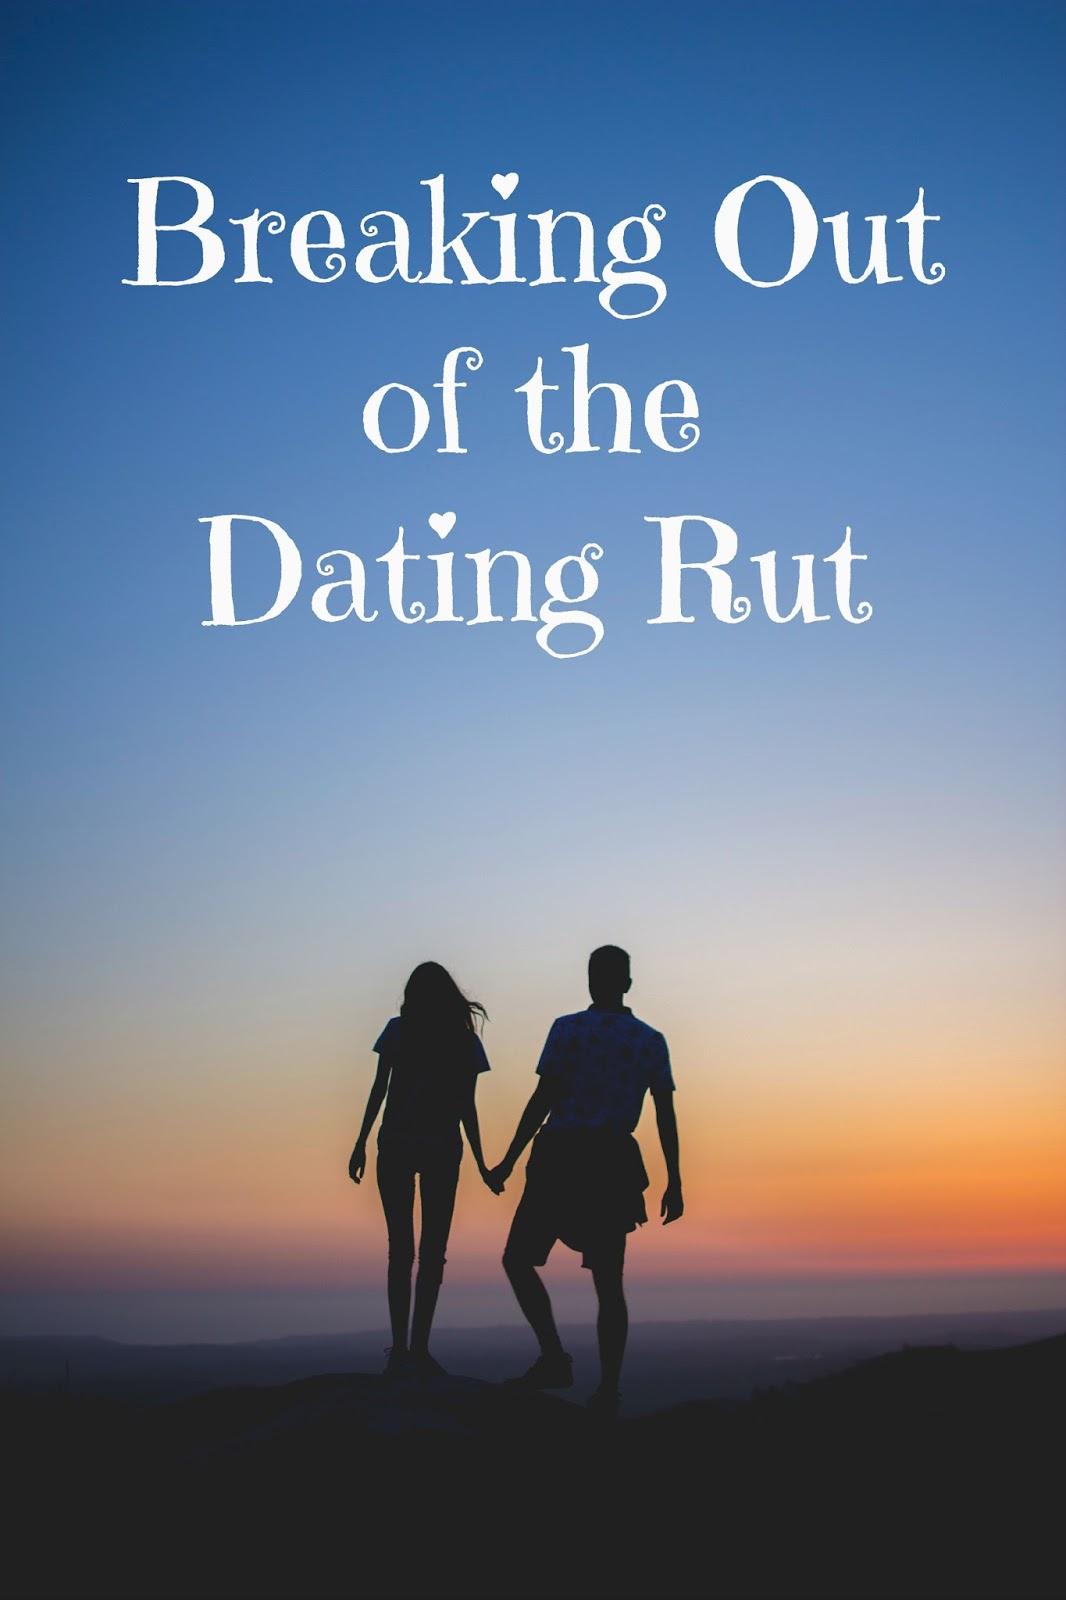 Dating rut